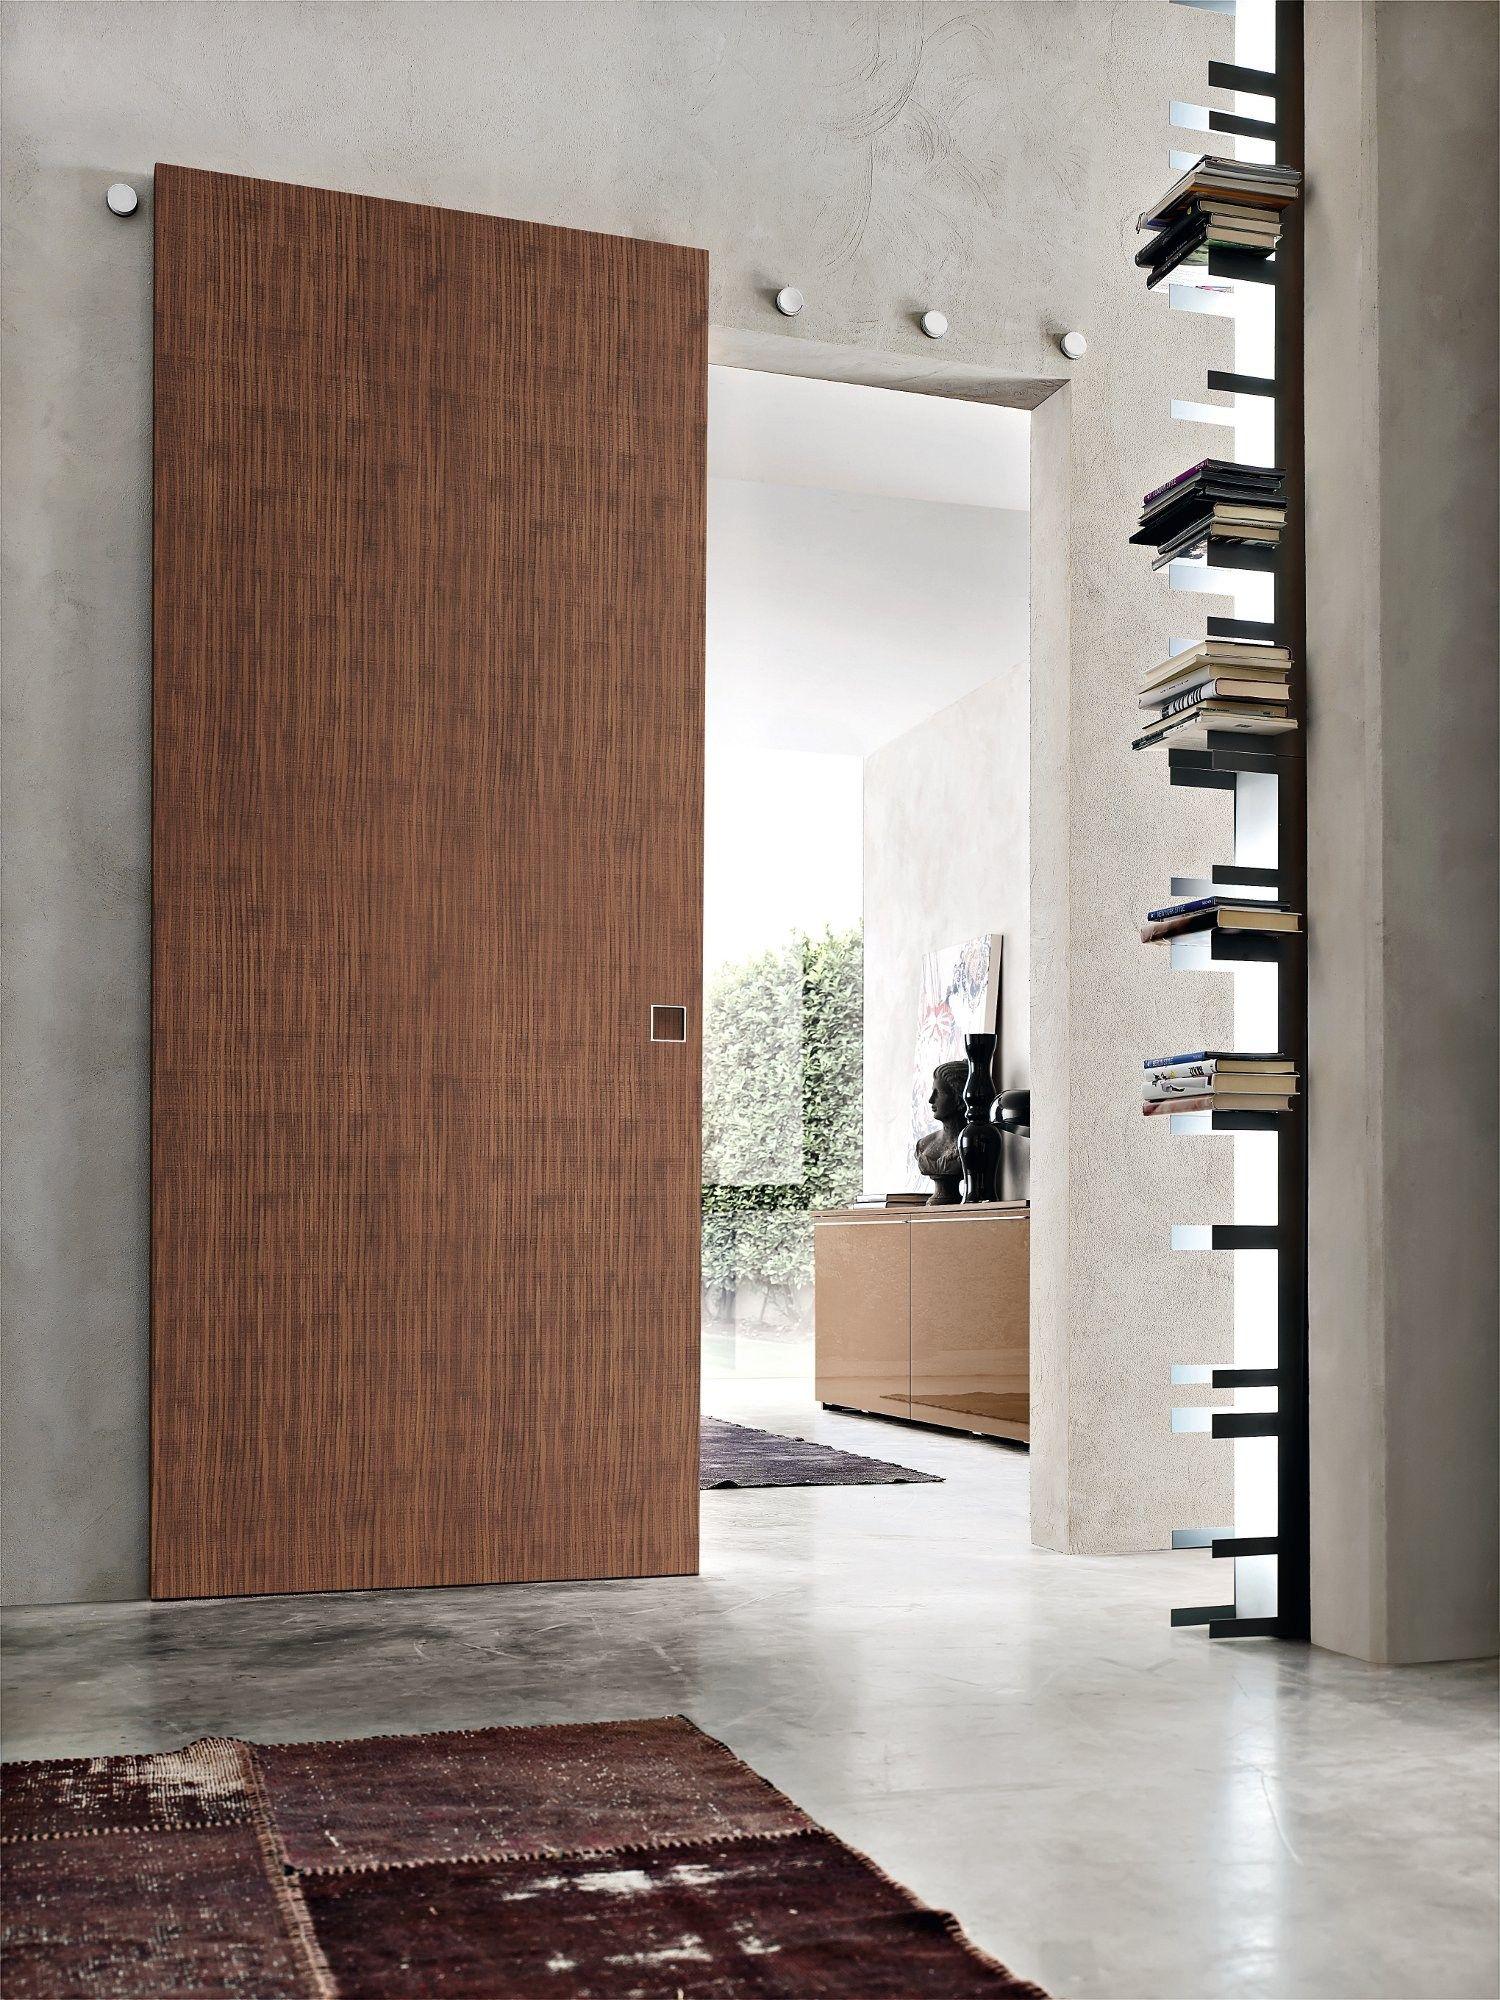 Porta scorrevole in legno B-MOVE MULTY by BLUINTERNI | Interior ...